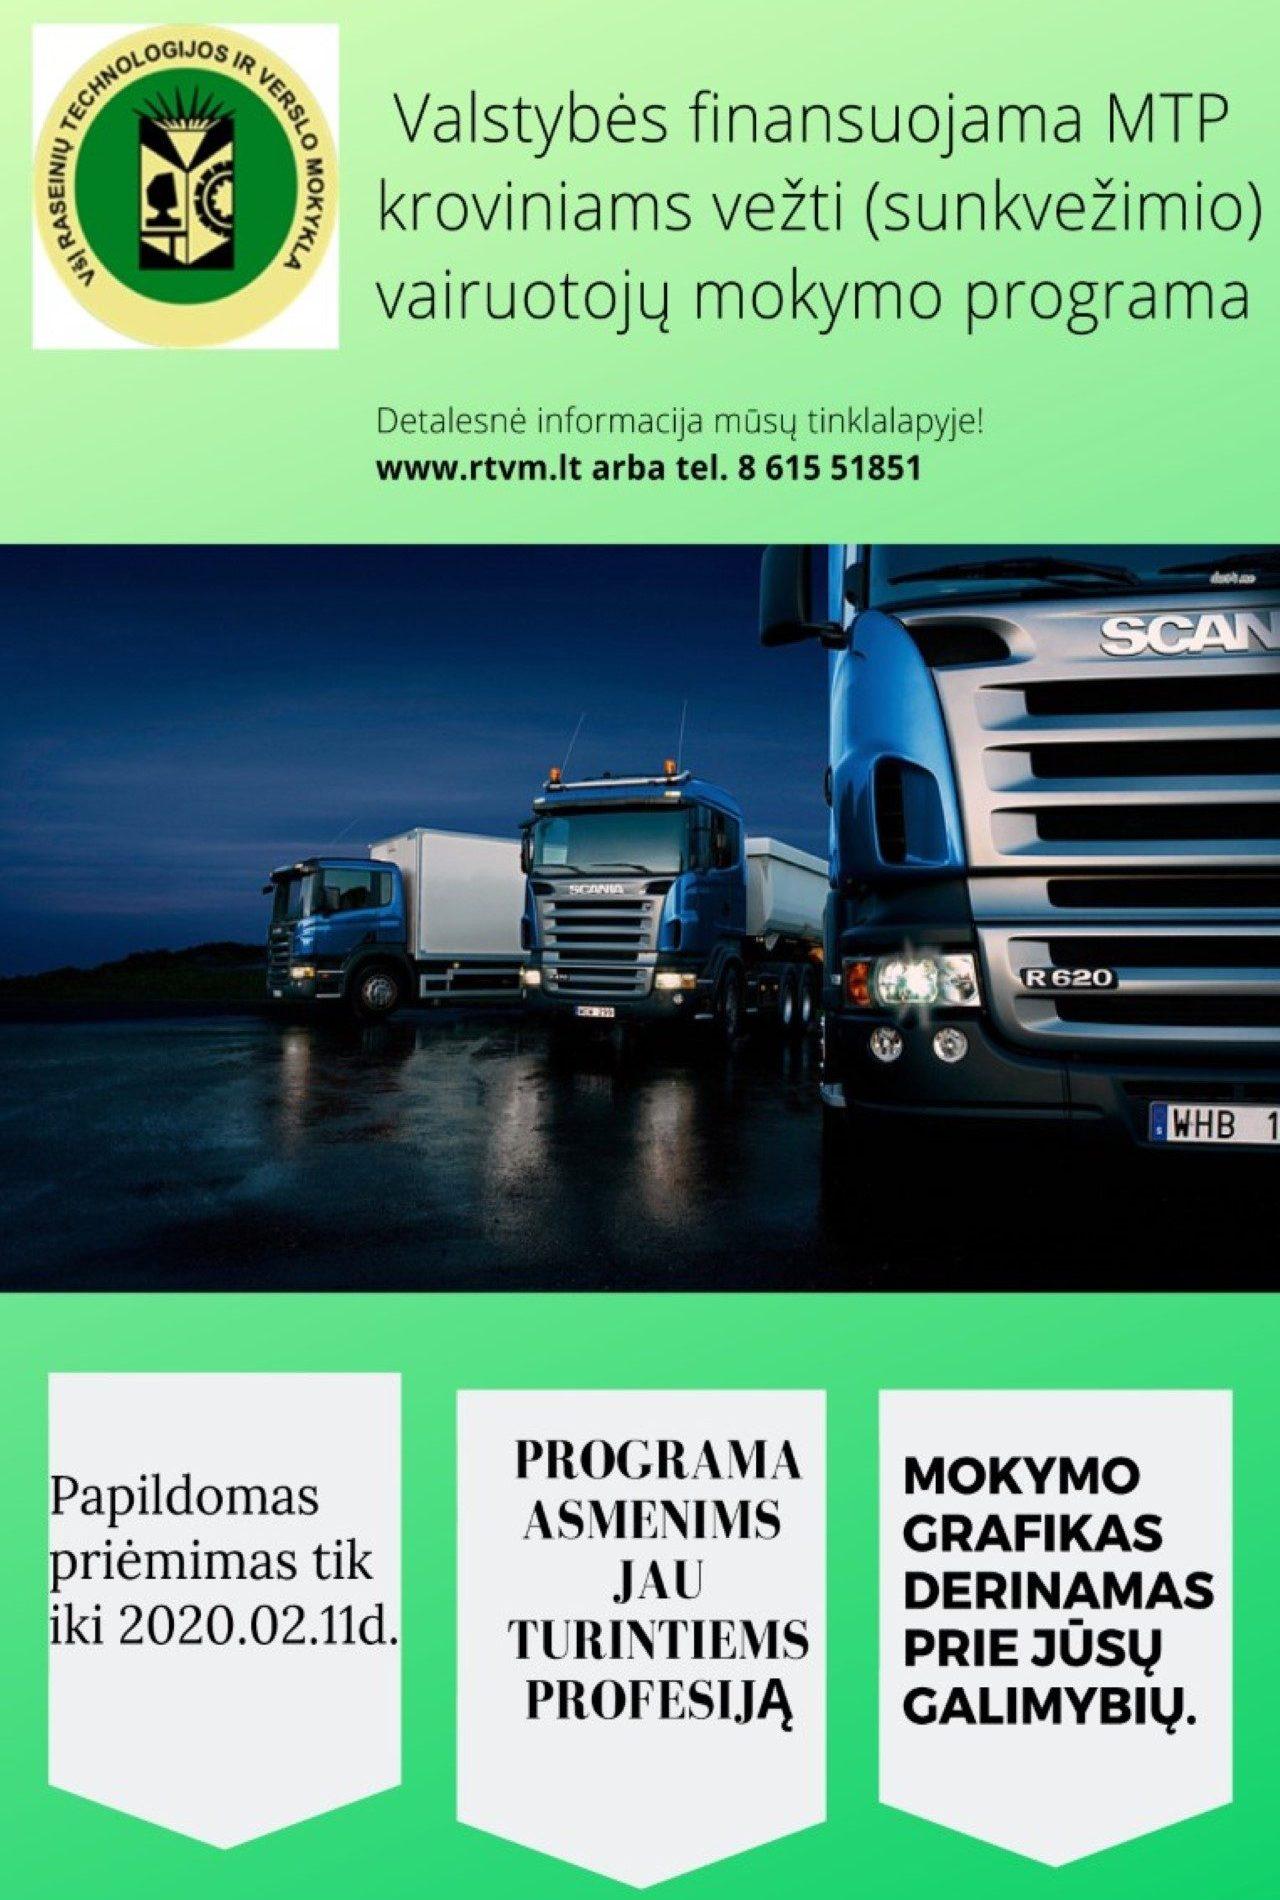 Valstybės finansuojama MTP kroviniams vežti (sunkvežimio) vairuotojų mokymo programa – kopija